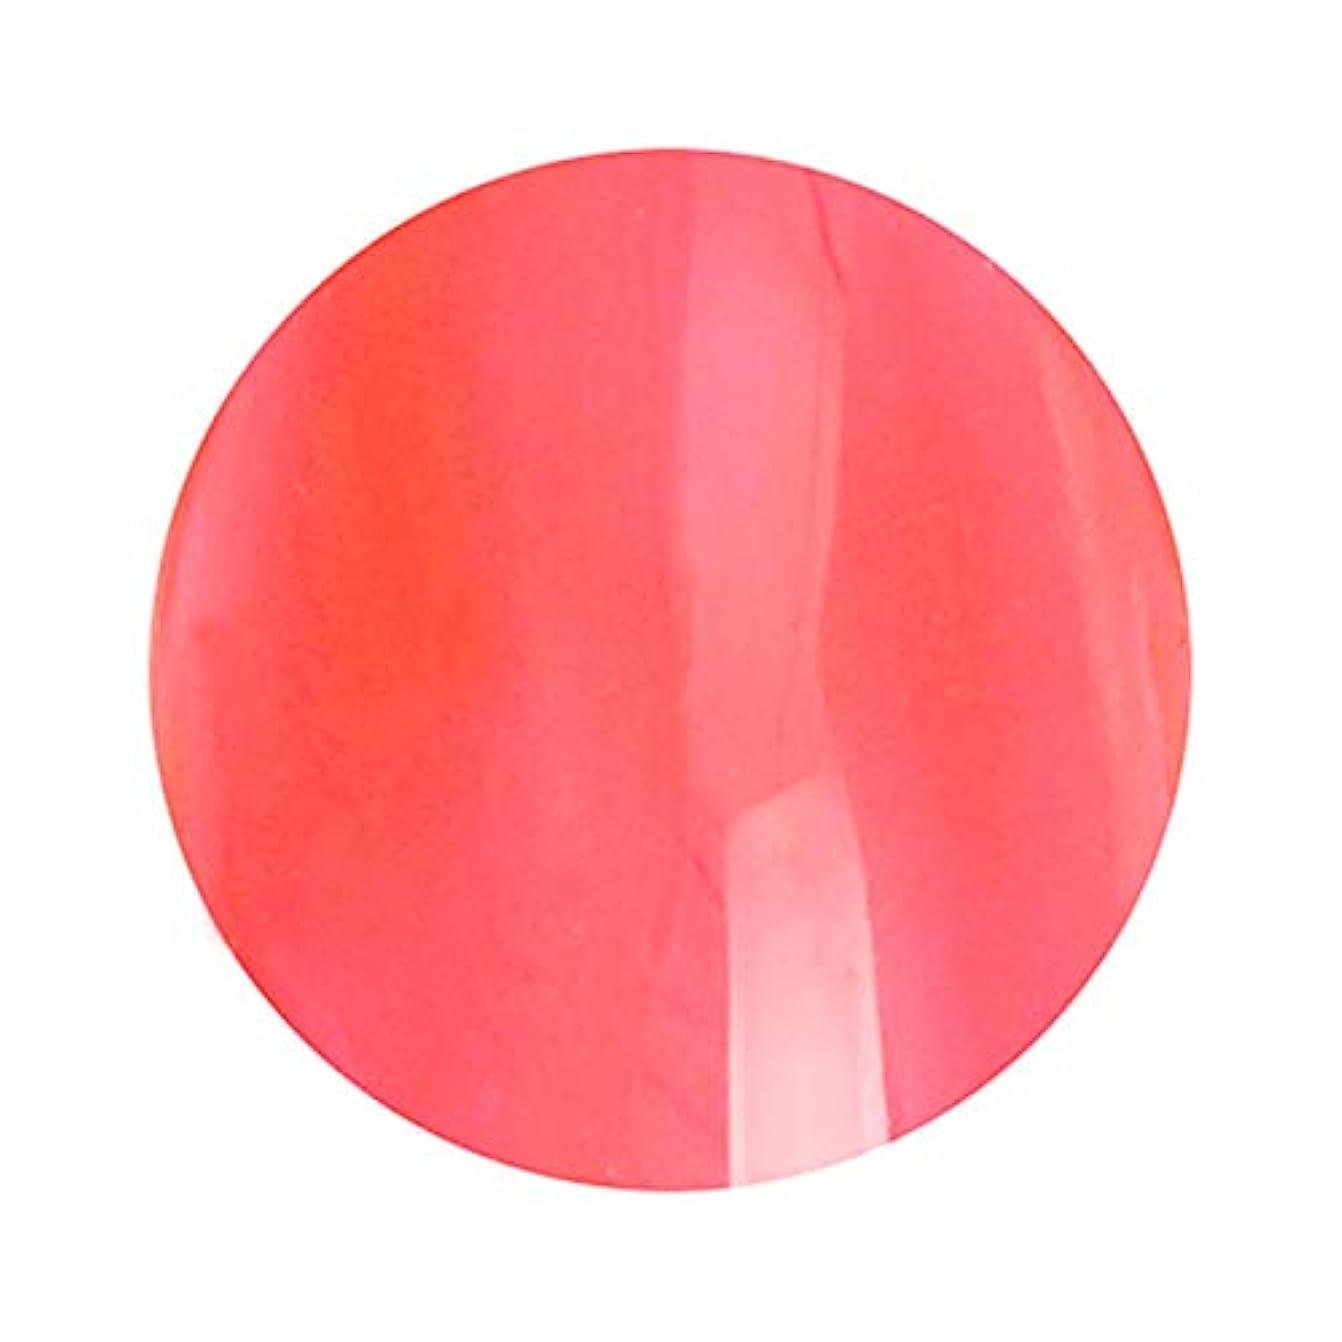 積分光沢論文T-GEL COLLECTION ティージェルコレクション カラージェル D237 クリアレッド 4ml